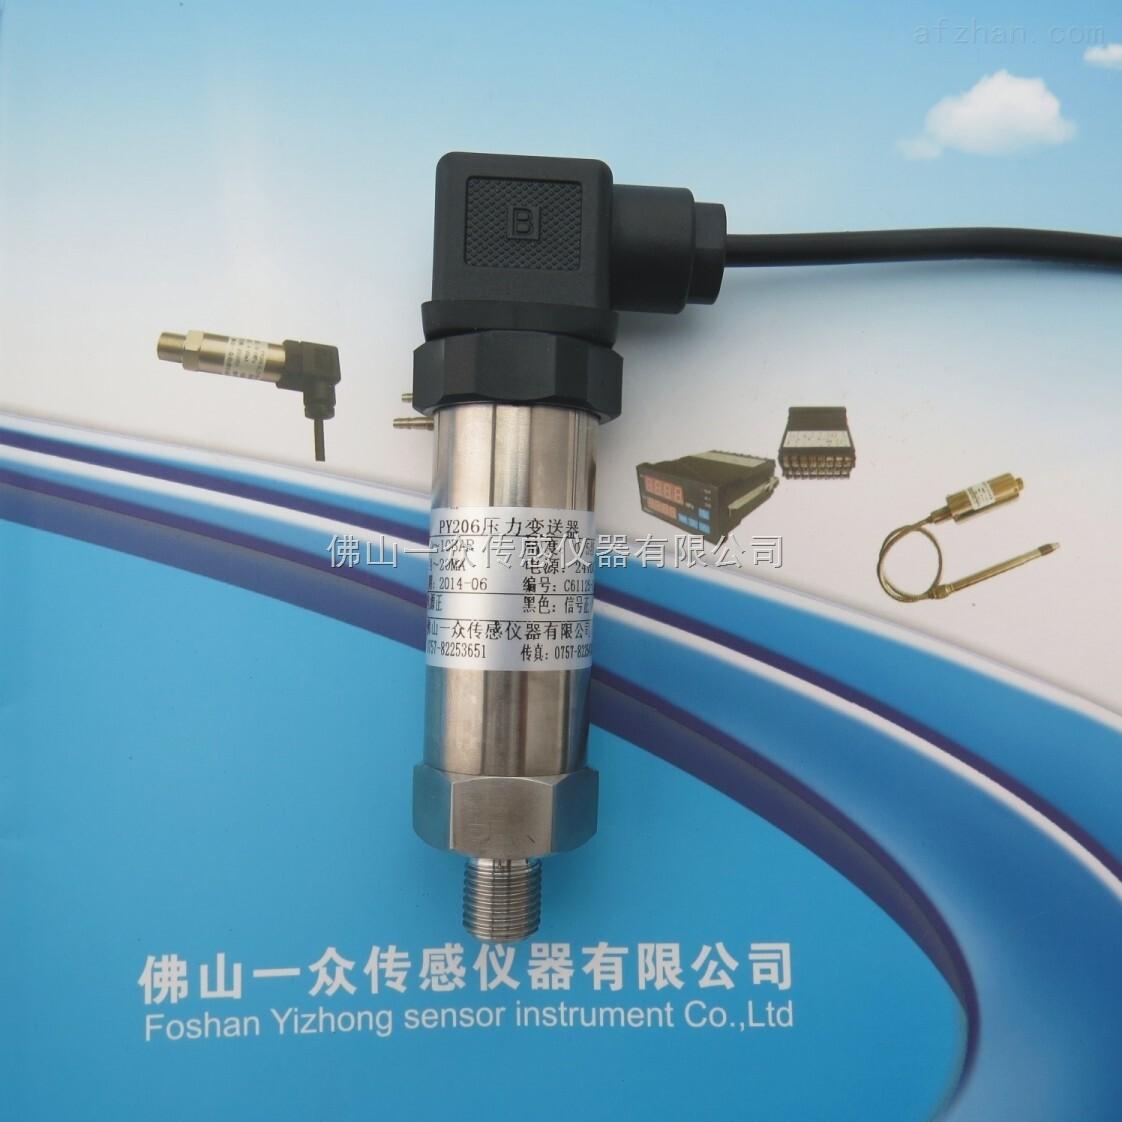 py210 恒压供水压力传感器,水管水压变送器,水泵水压传感器